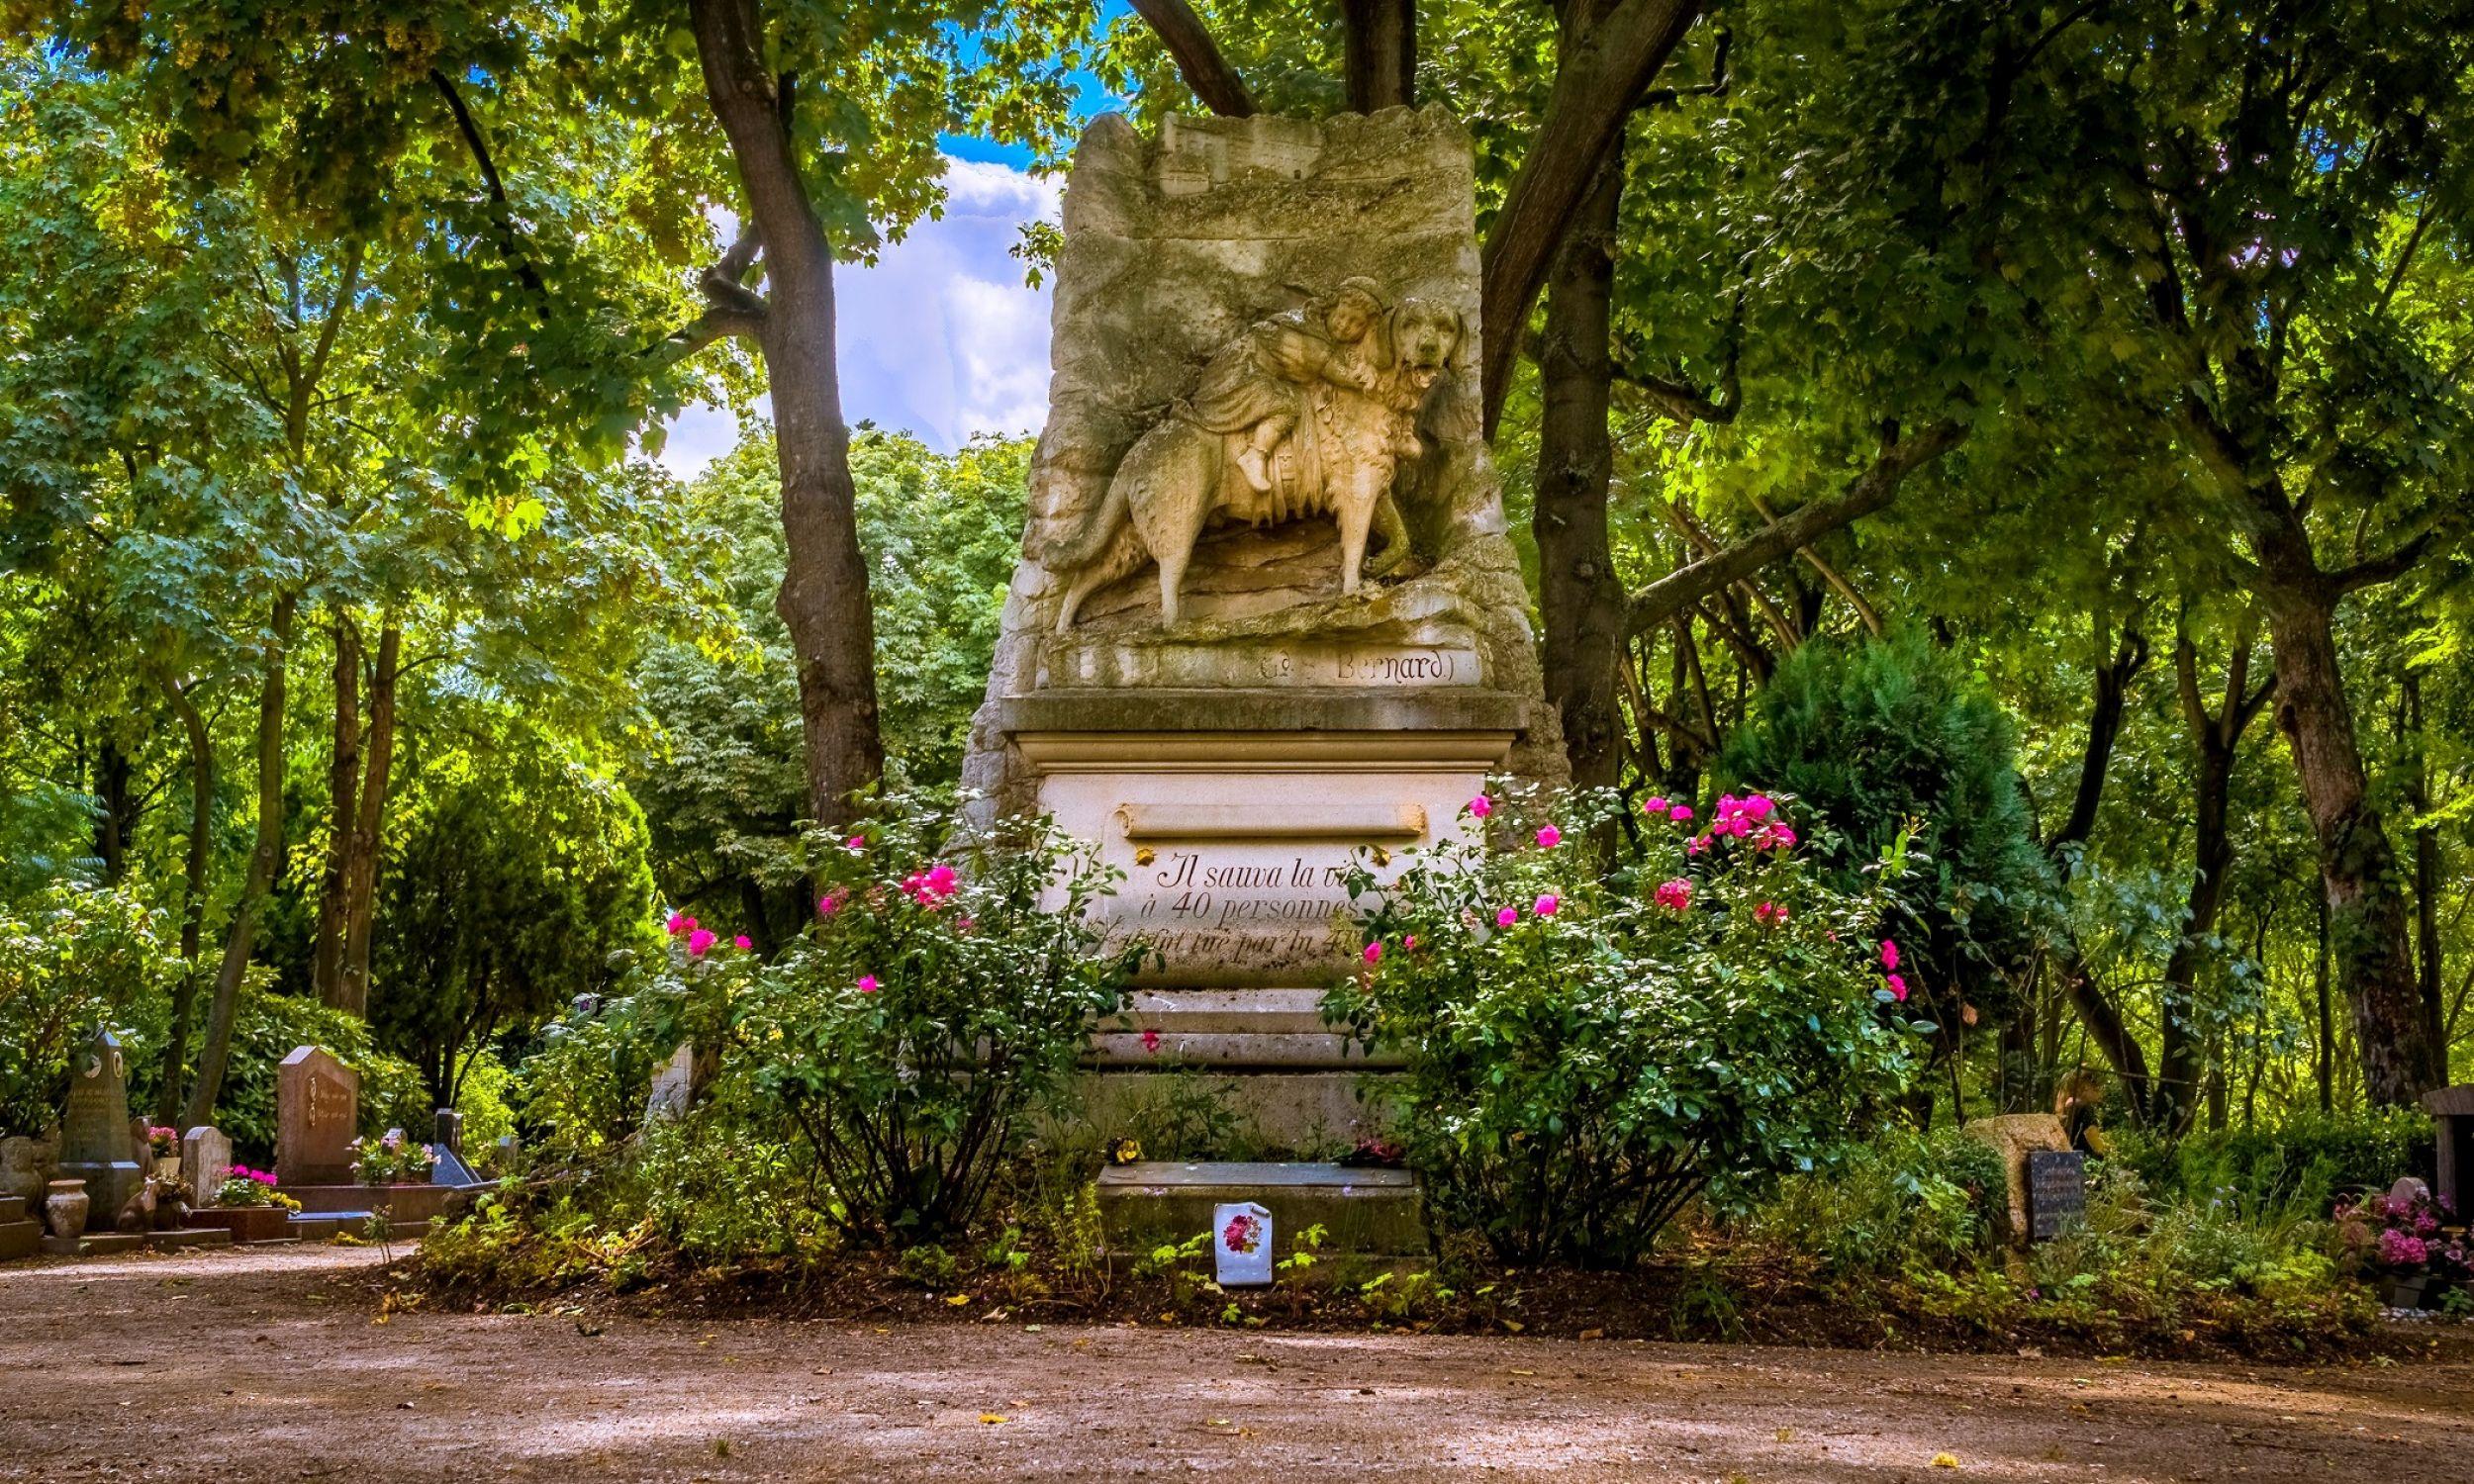 """Grób psa Barry'ego na Cimetière des Chiens na wyspie na Sekwanie  między miejscowościami Asnières a Clichy, niedaleko Paryża. Pomnik przedstawia go z trzymającym się jego obroży dzieckiem na grzbiecie, a napis głosi: """"Barry z Wielkiej Przełęczy Świętego Bernarda. Uratował czterdziestu ludziom życie. Zabił go czterdziesty pierwszy"""". Fot. Tommie Hansen - Cimetière des Chiens, Paris (France), dodane przez paris 17, CC BY 2.0, https://commons.wikimedia.org/w/index.php?curid=30423490"""